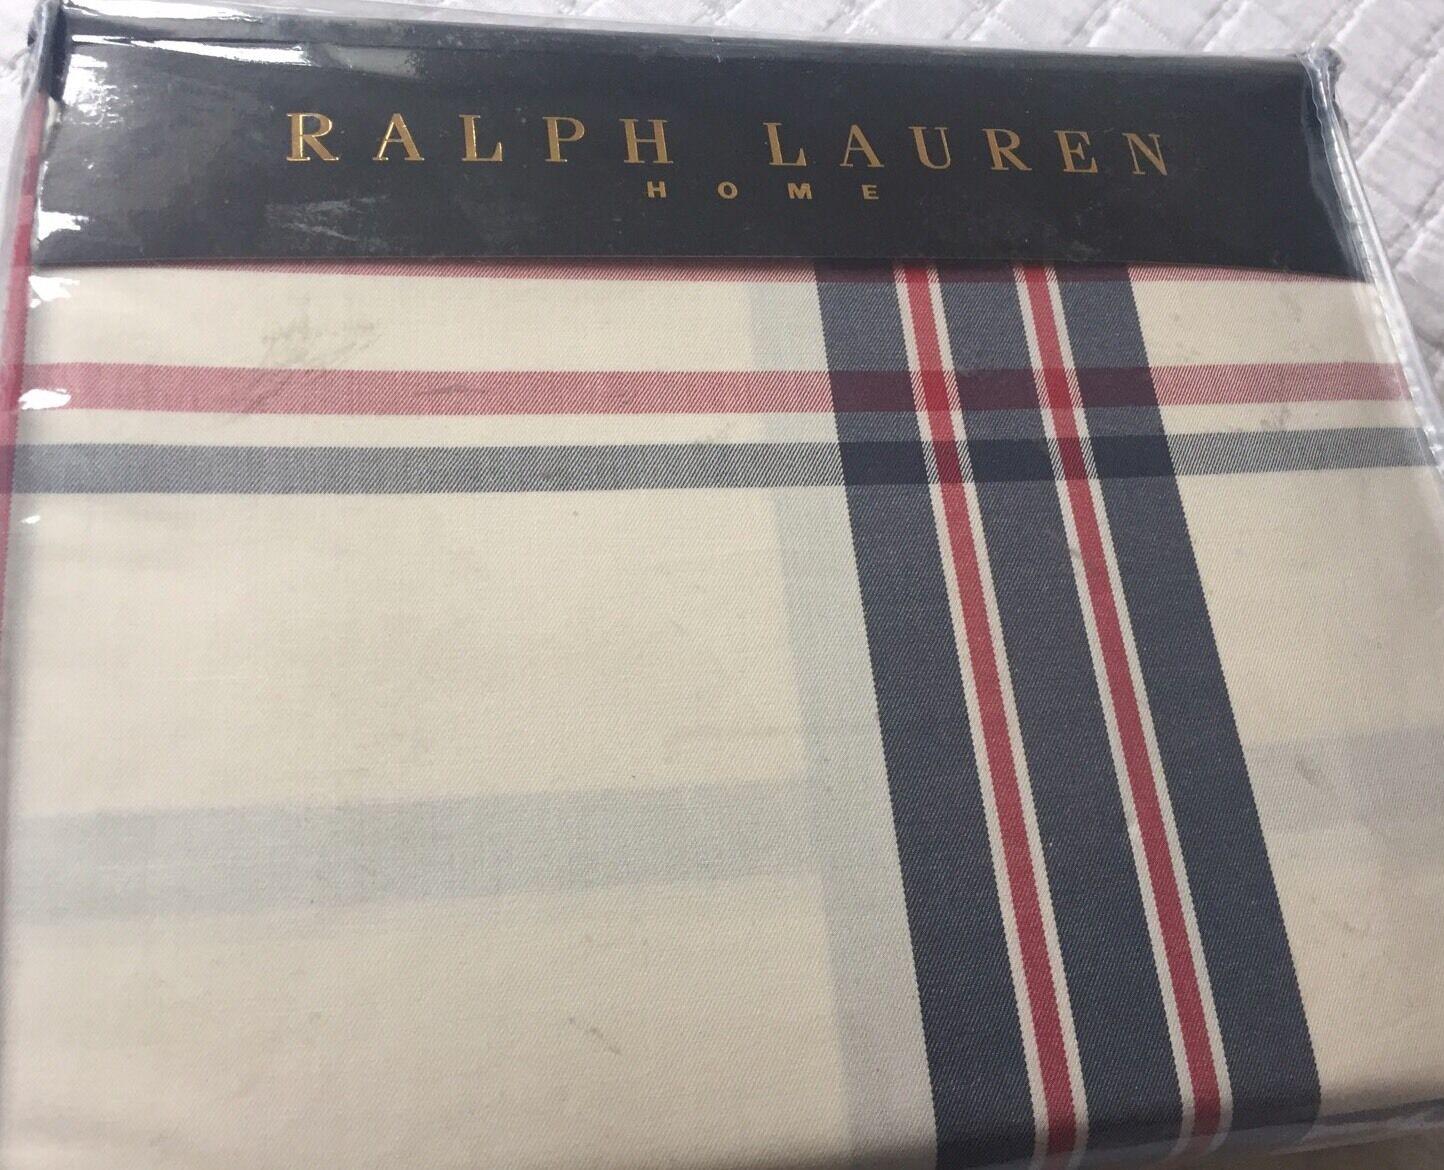 RALPH LAUREN TALMADGE HILL PLAID MULTI DUVET COVER SET DOUBLE 200 220CMS